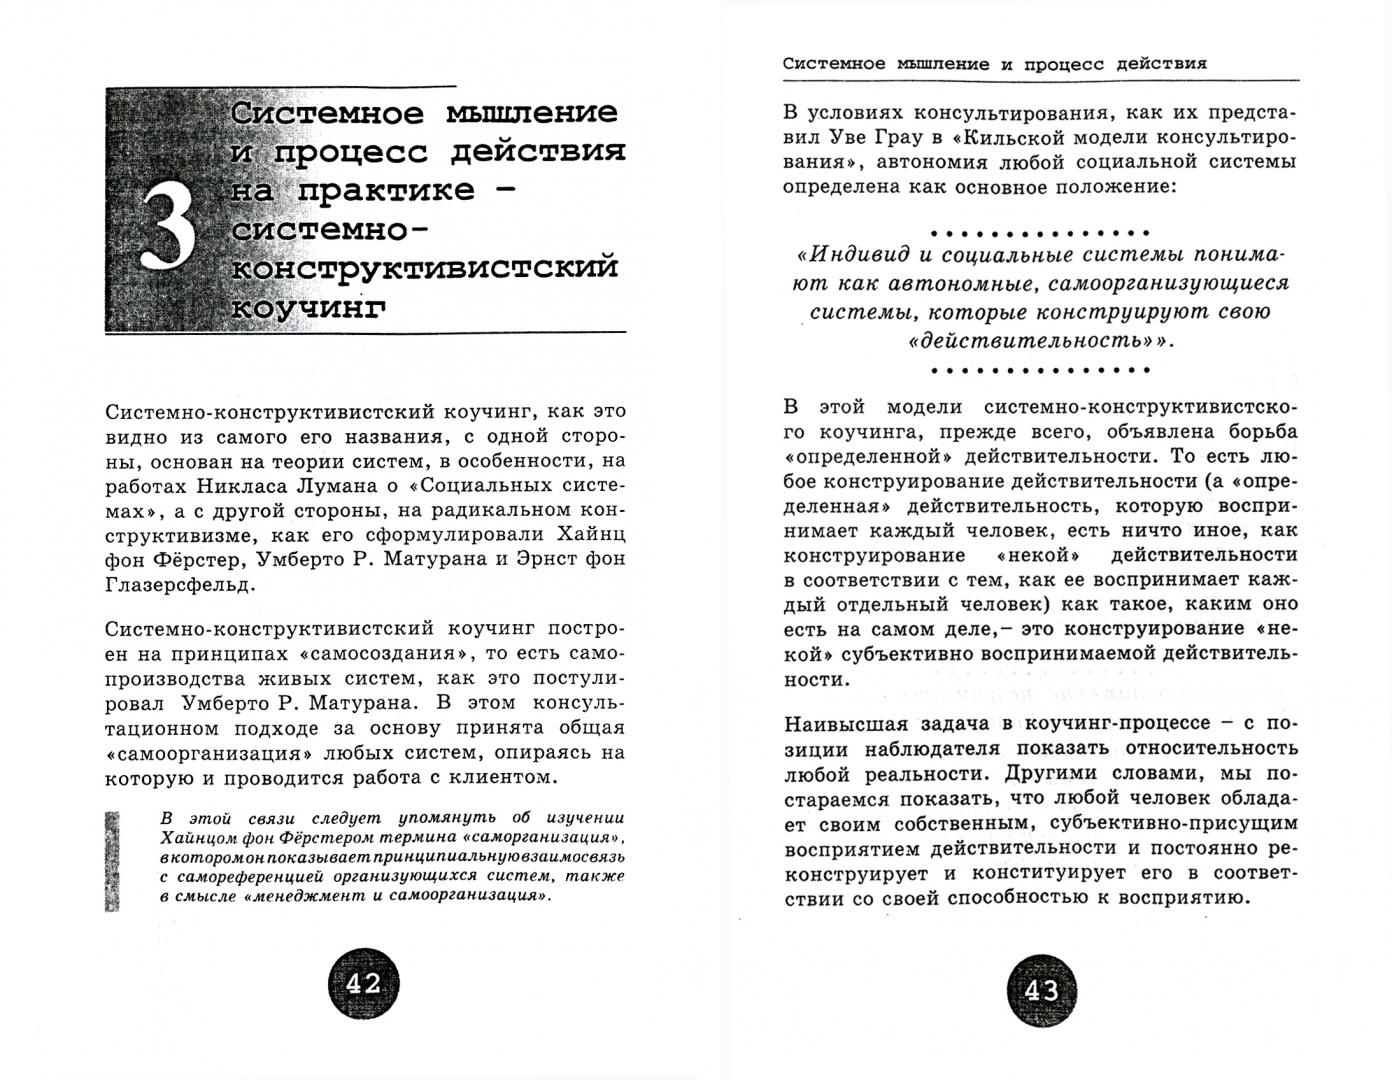 Иллюстрация 1 из 14 для Системный коучинг. Целеориентированный подход в консультировании - Нино Томашек | Лабиринт - книги. Источник: Лабиринт